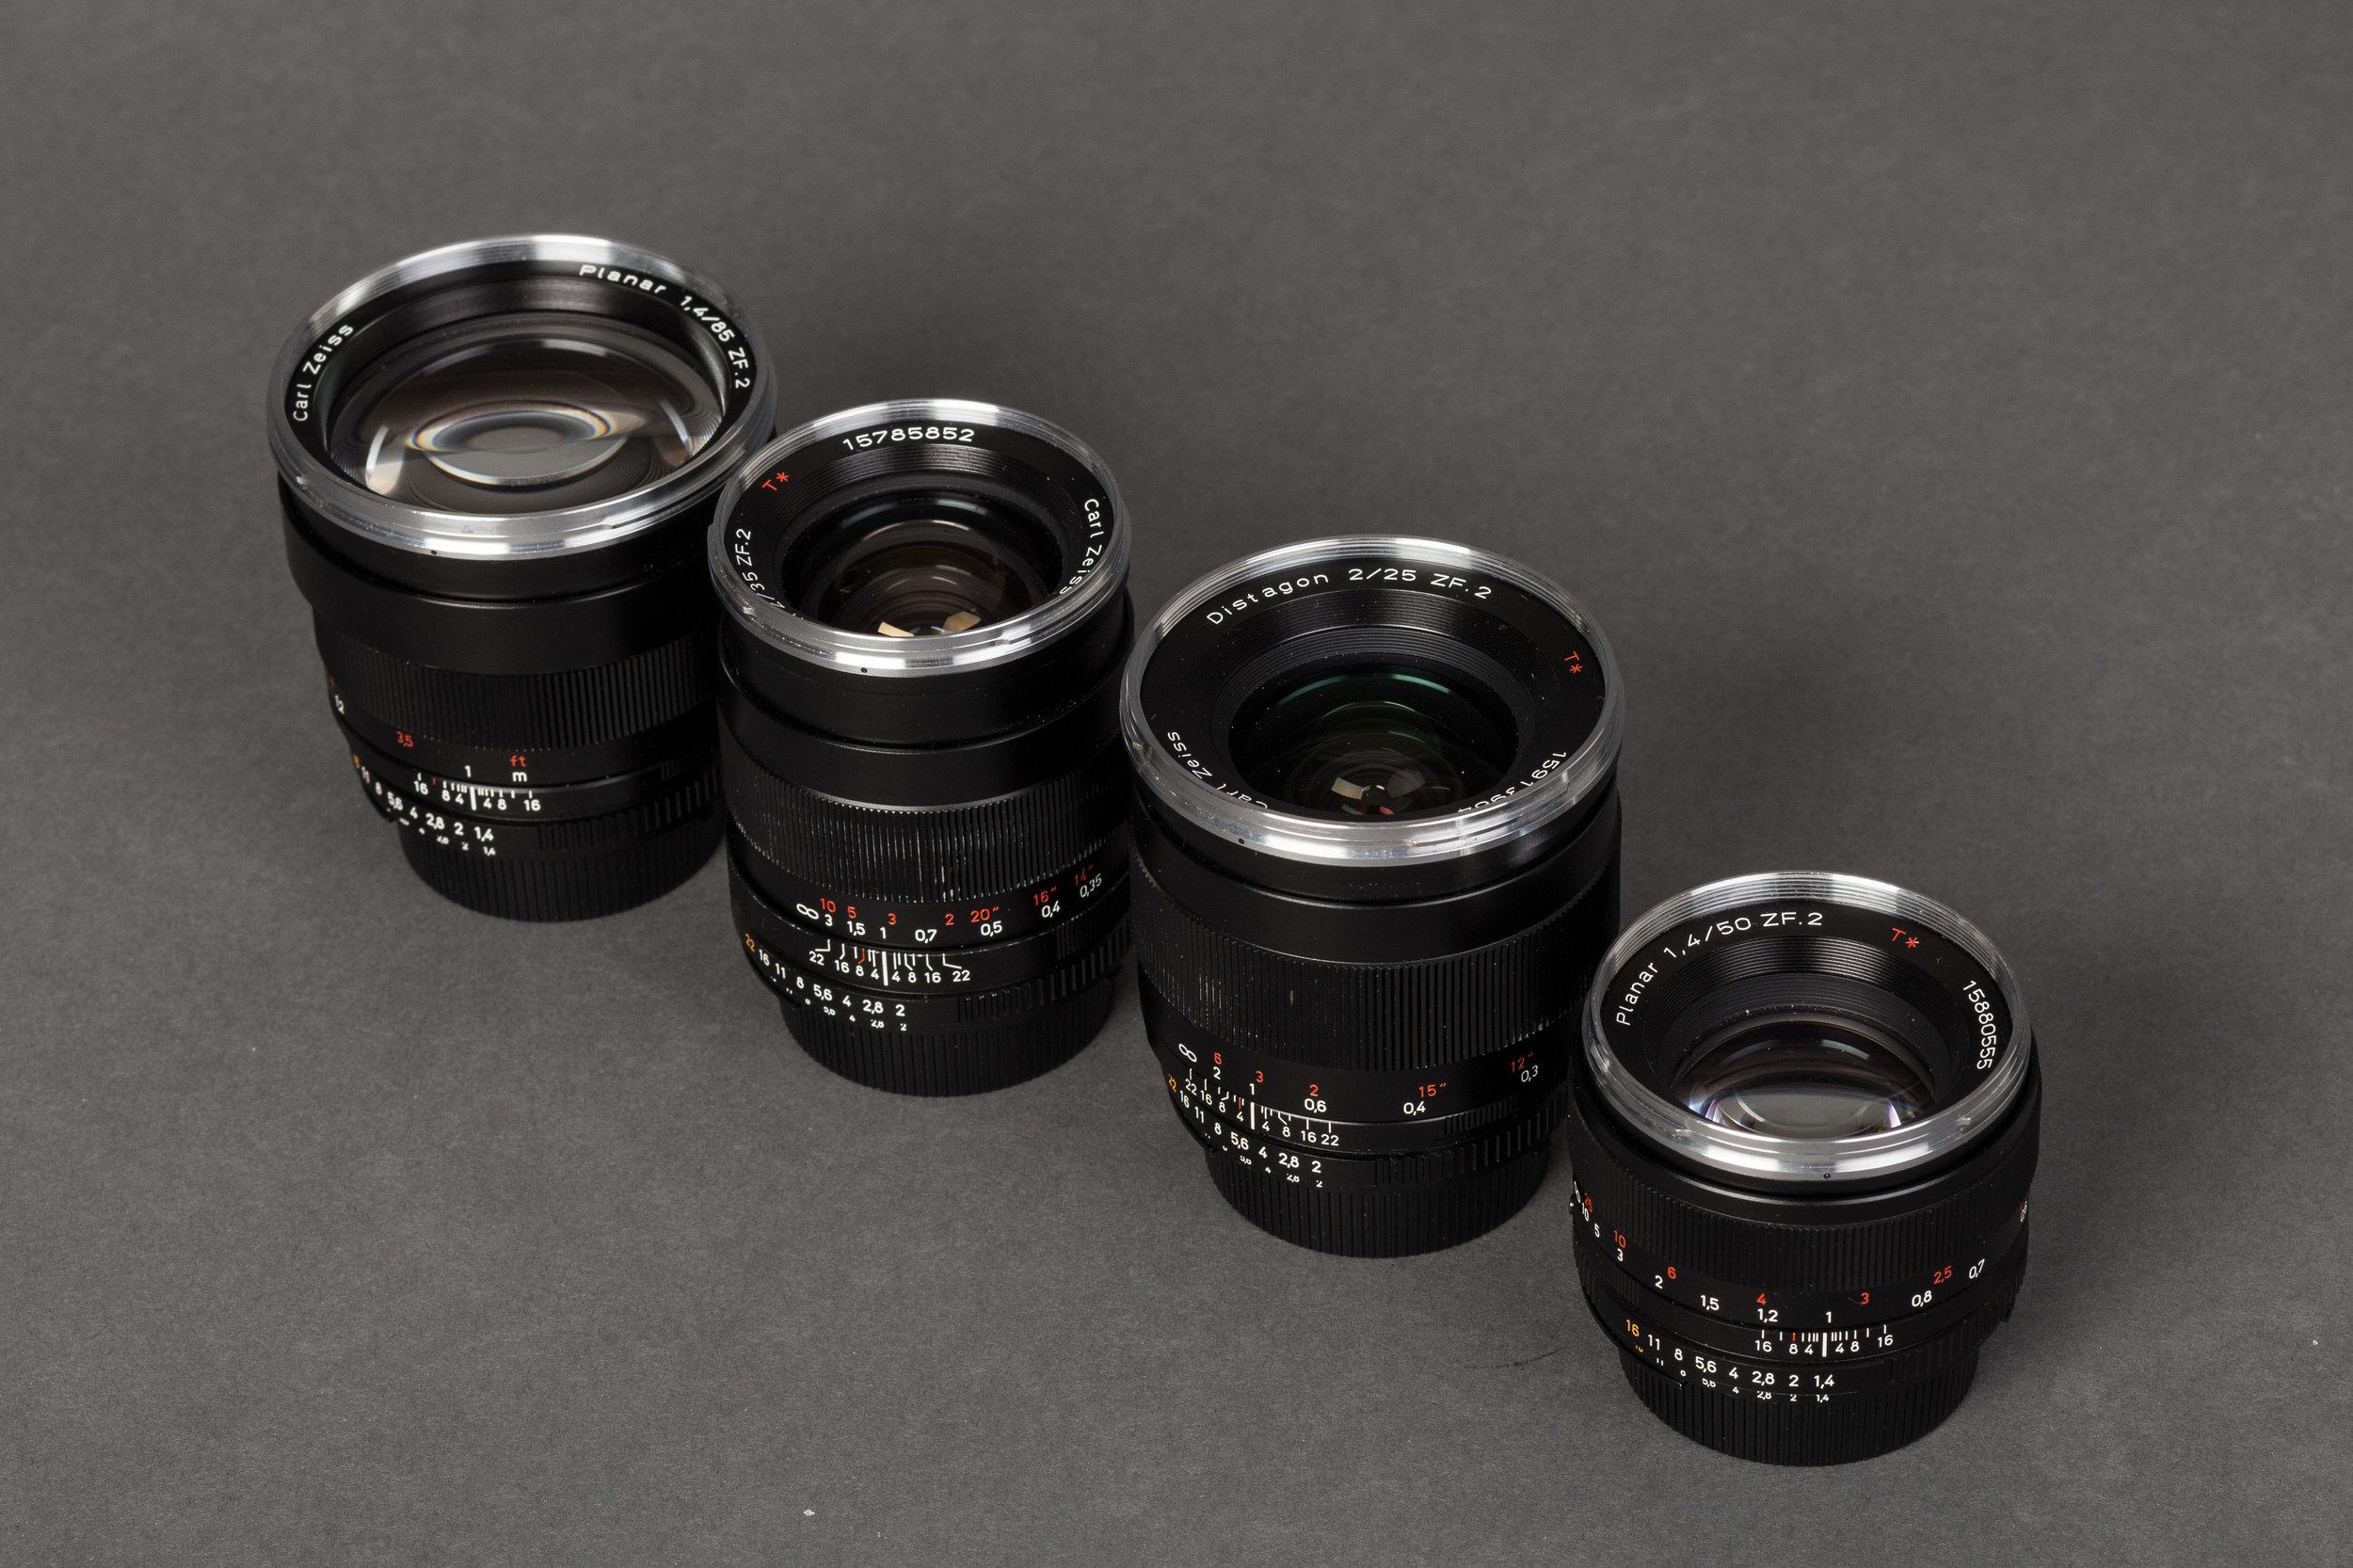 25, 35, 50 y 85 mm.jpg